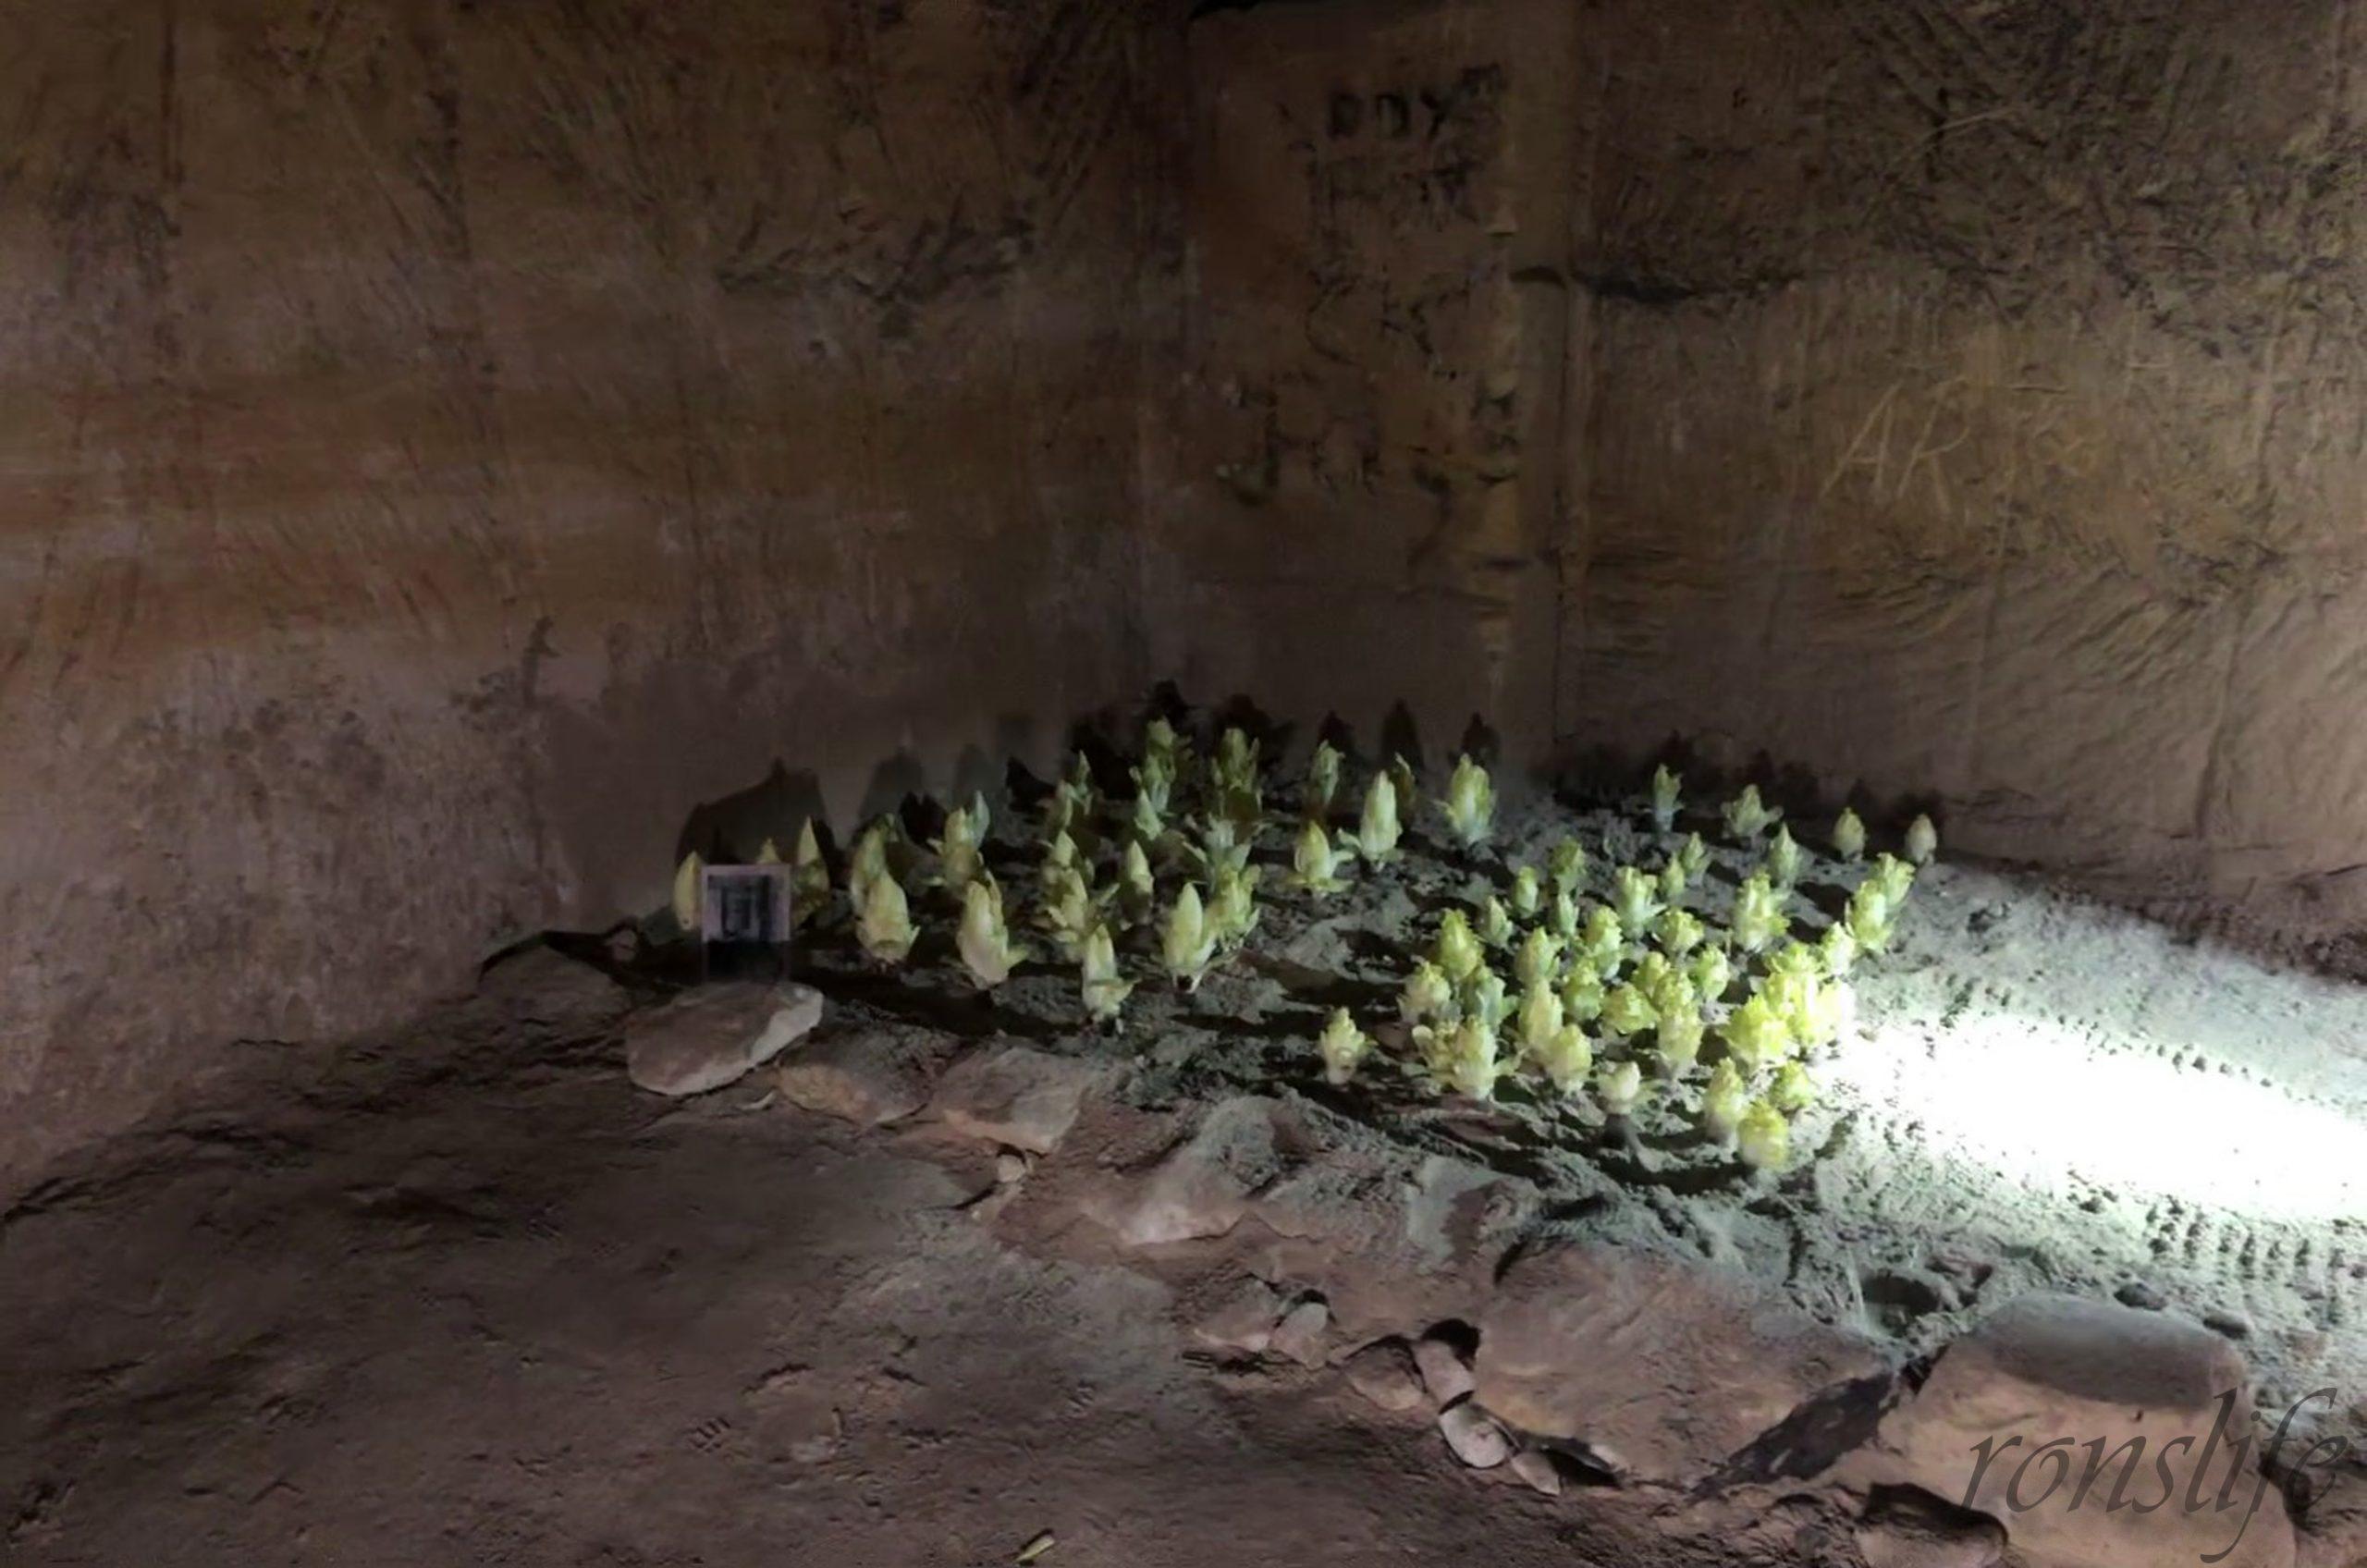 Plantzoen met witloof in Grotten Noord Maastricht